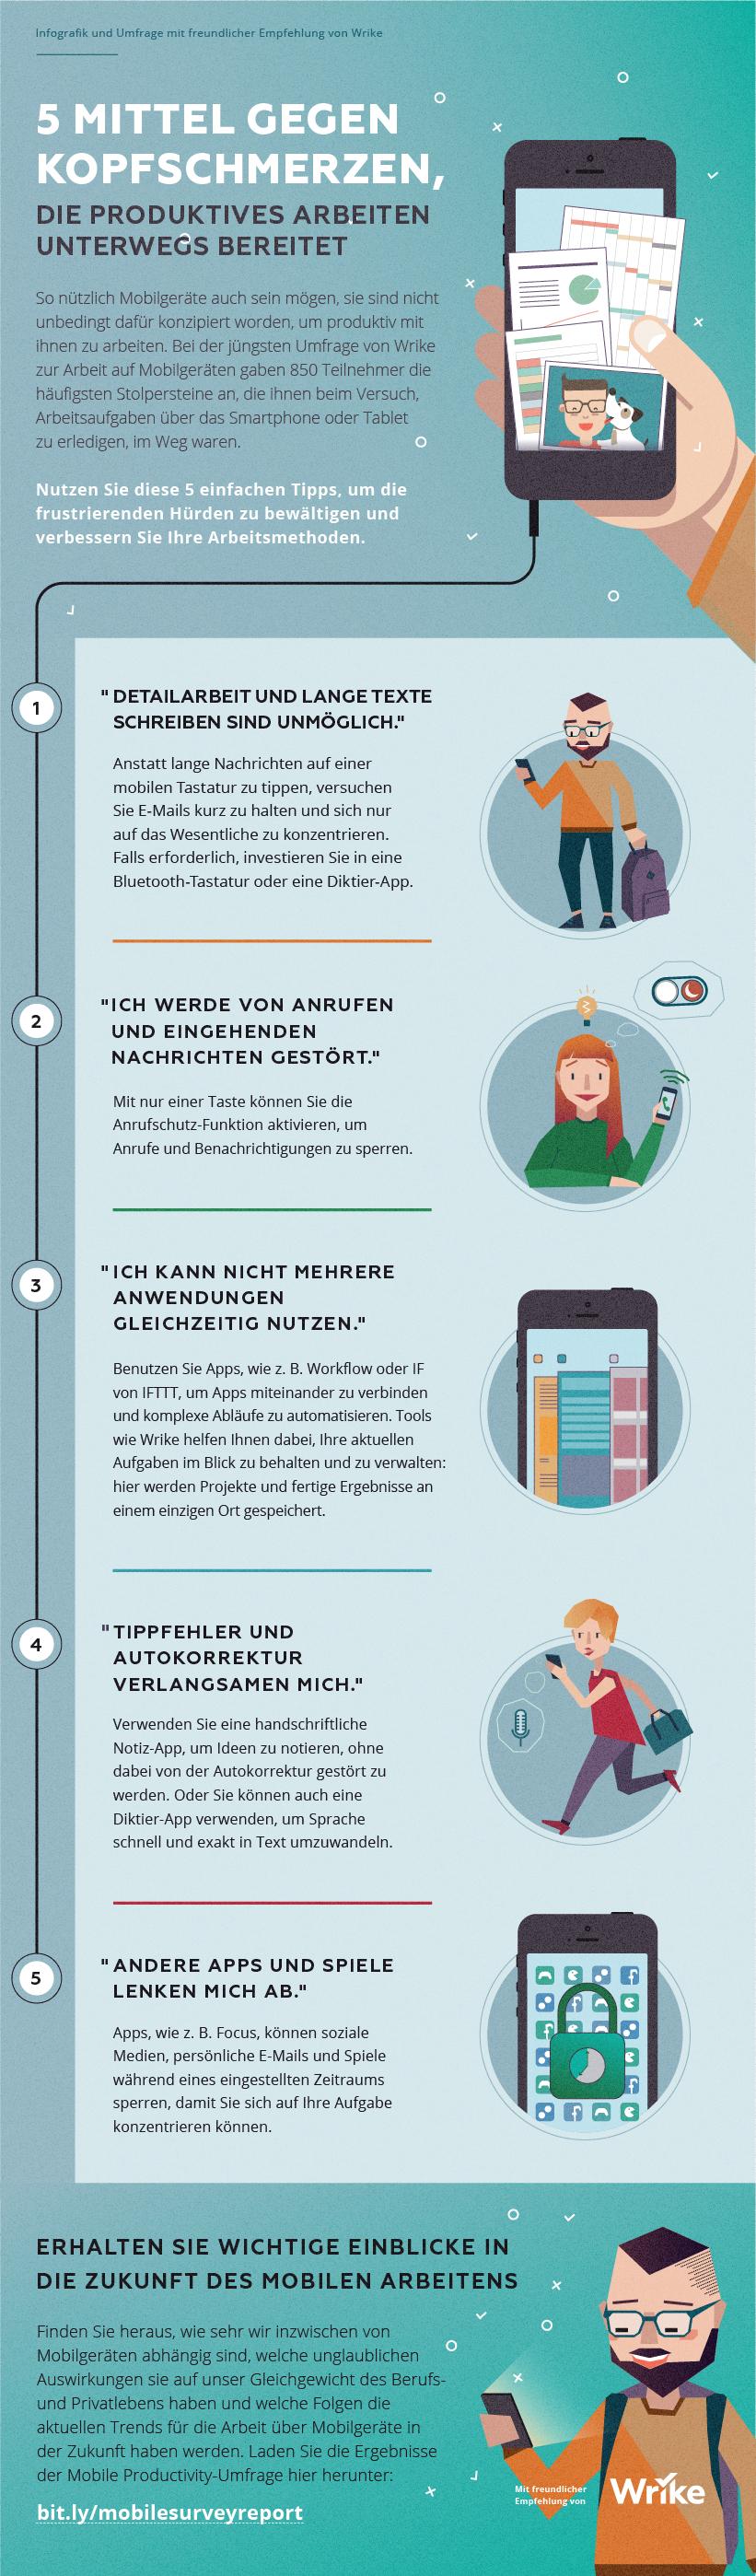 5 Mittel gegen Kopfschmerzen, die produktives Arbeiten unterwegs bereitet (Infografik)